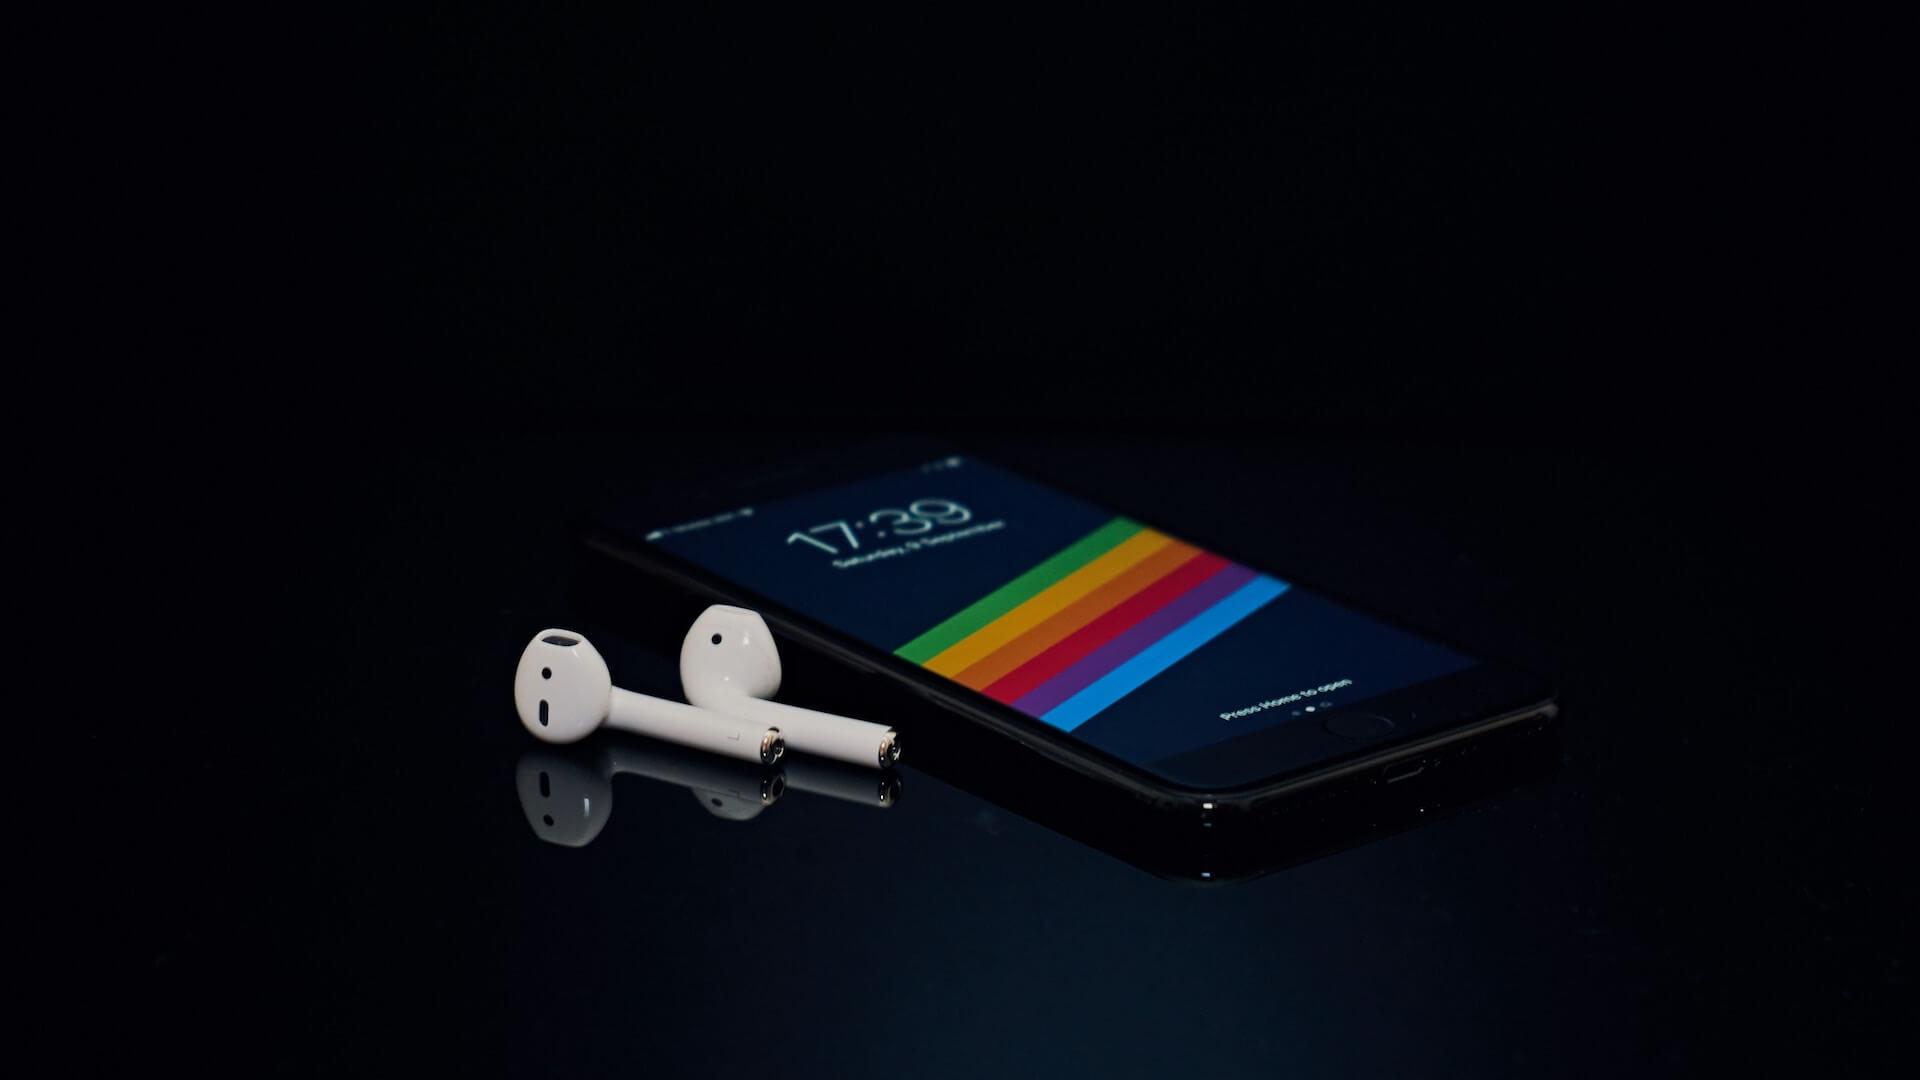 2020年発売のiPhoneには、AirPodsが付属する?Xiaomi、Samsungも自社スマホにワイヤレスイヤホンを同封か tech191202_iphone_airpods_1